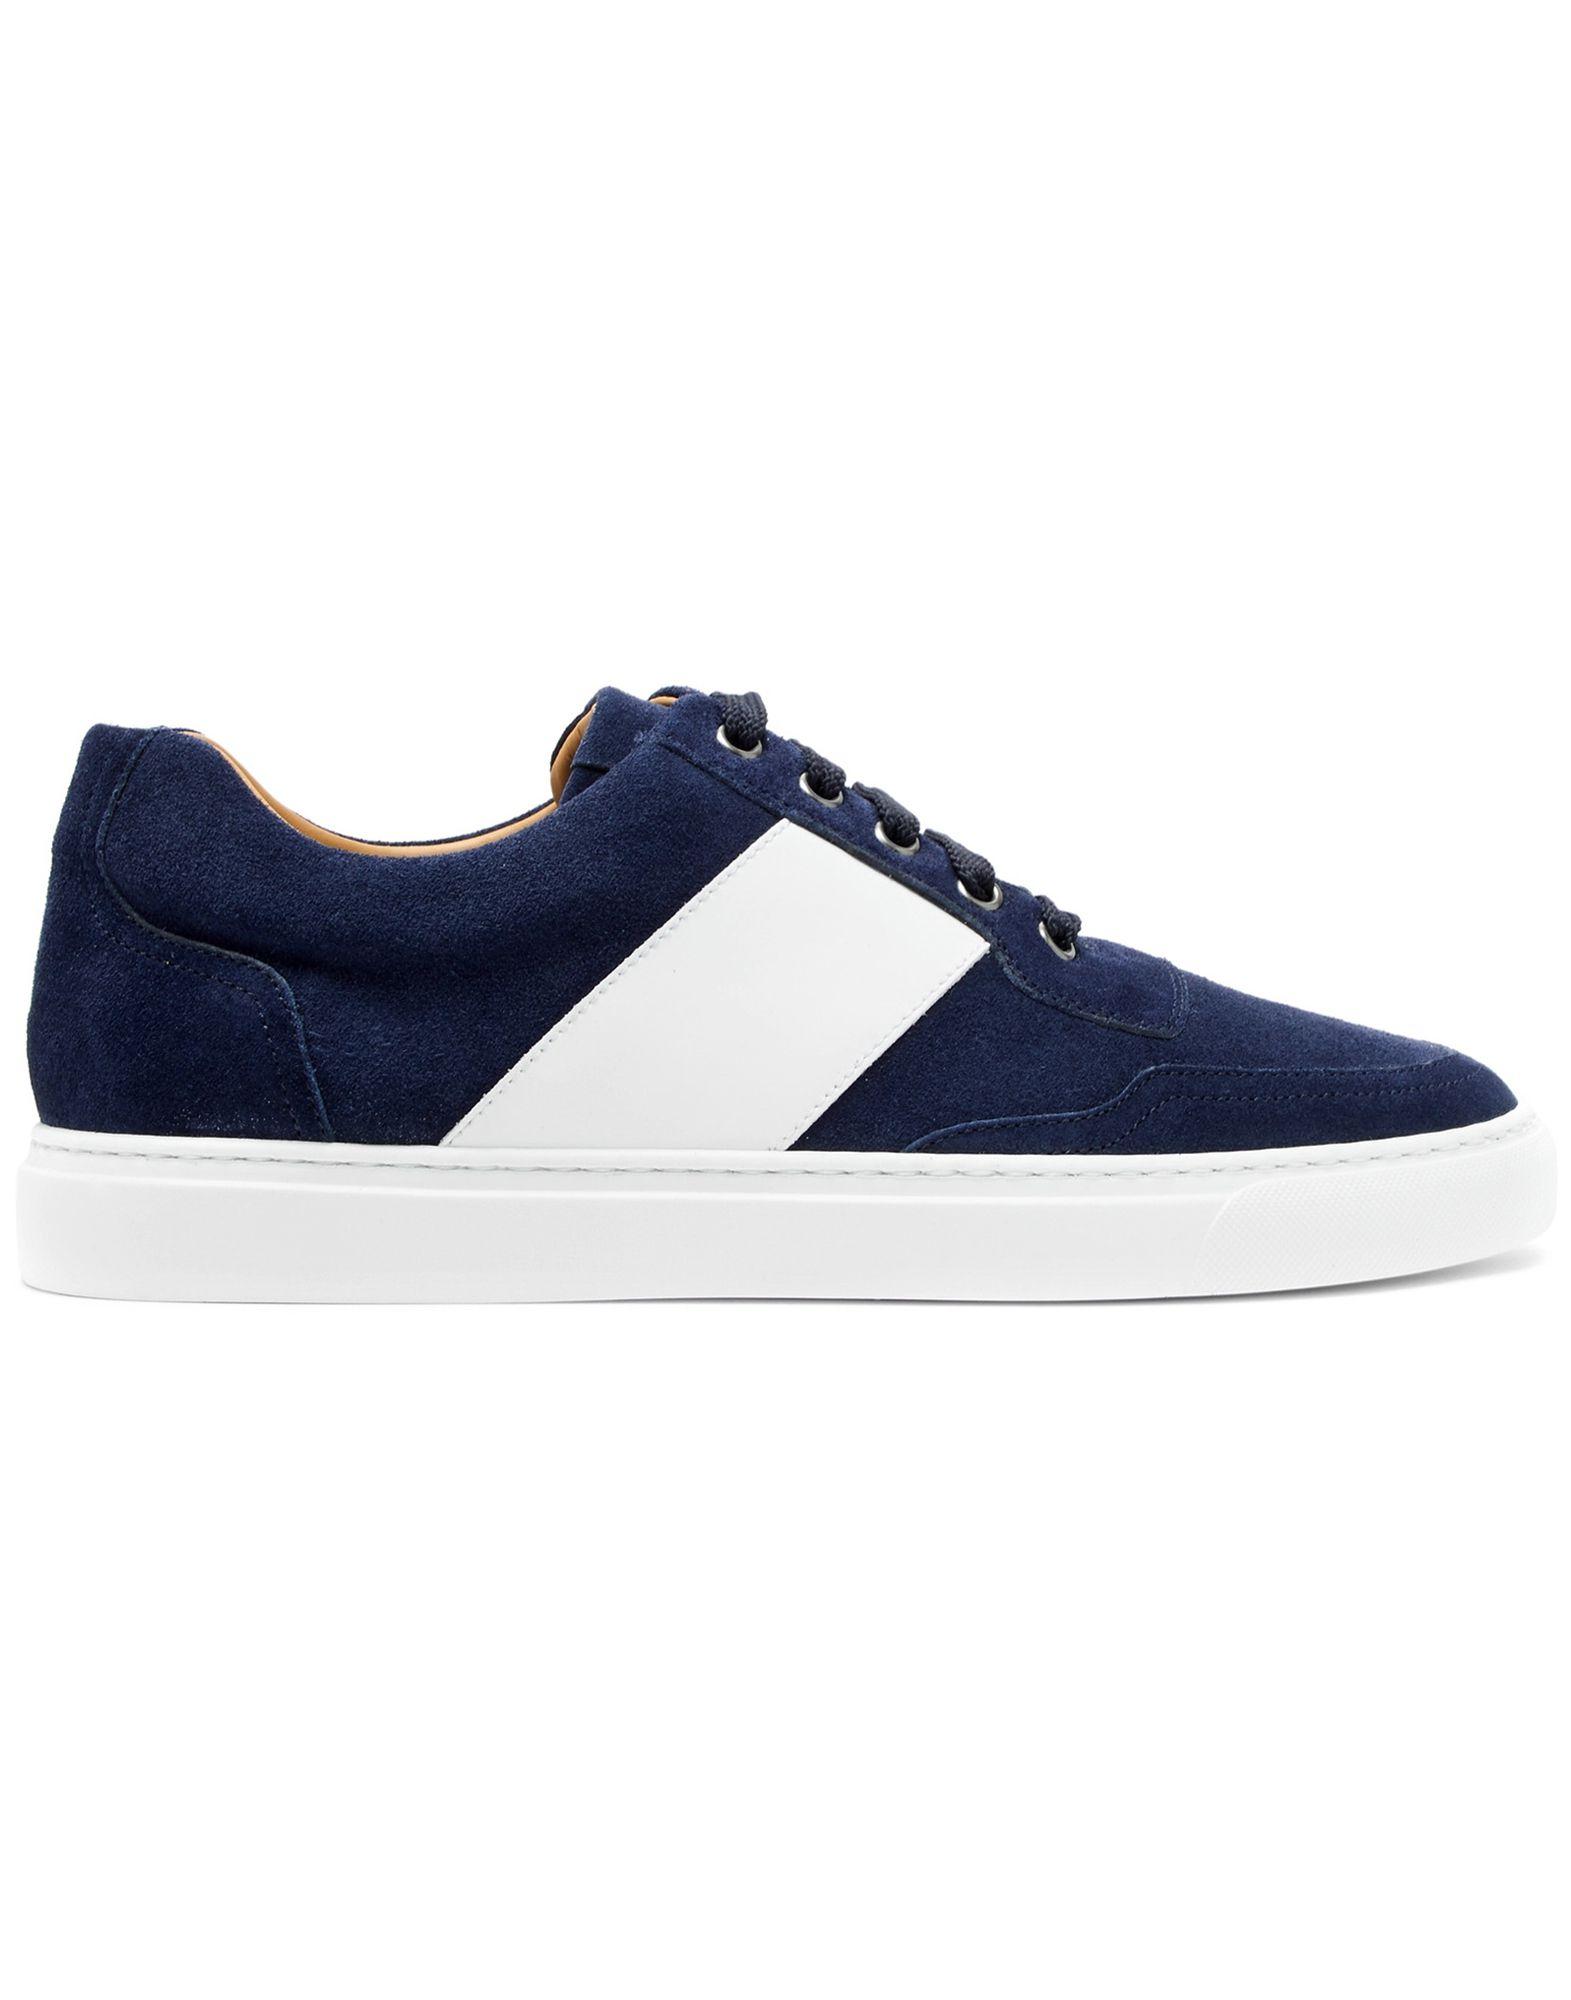 Sneakers Harrys Of London Uomo - 11540879GW